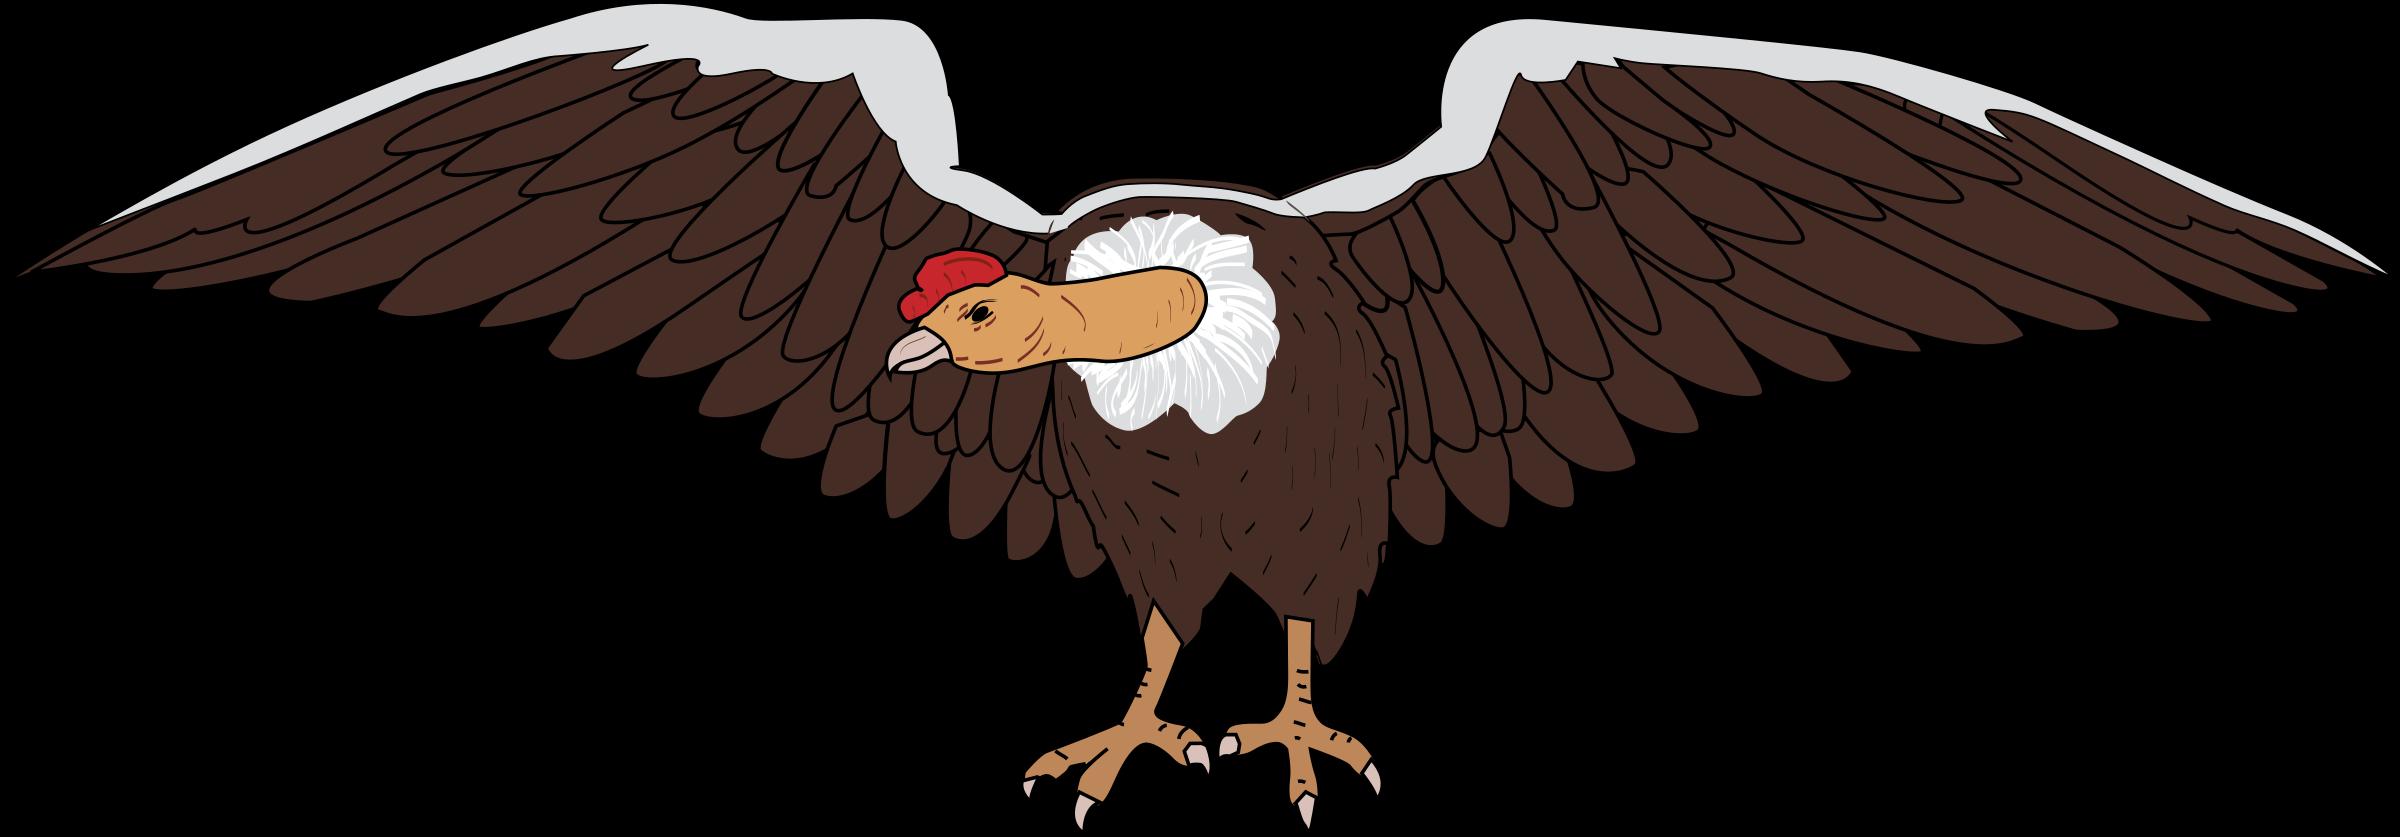 Wing clipart vulture. Condor big image png